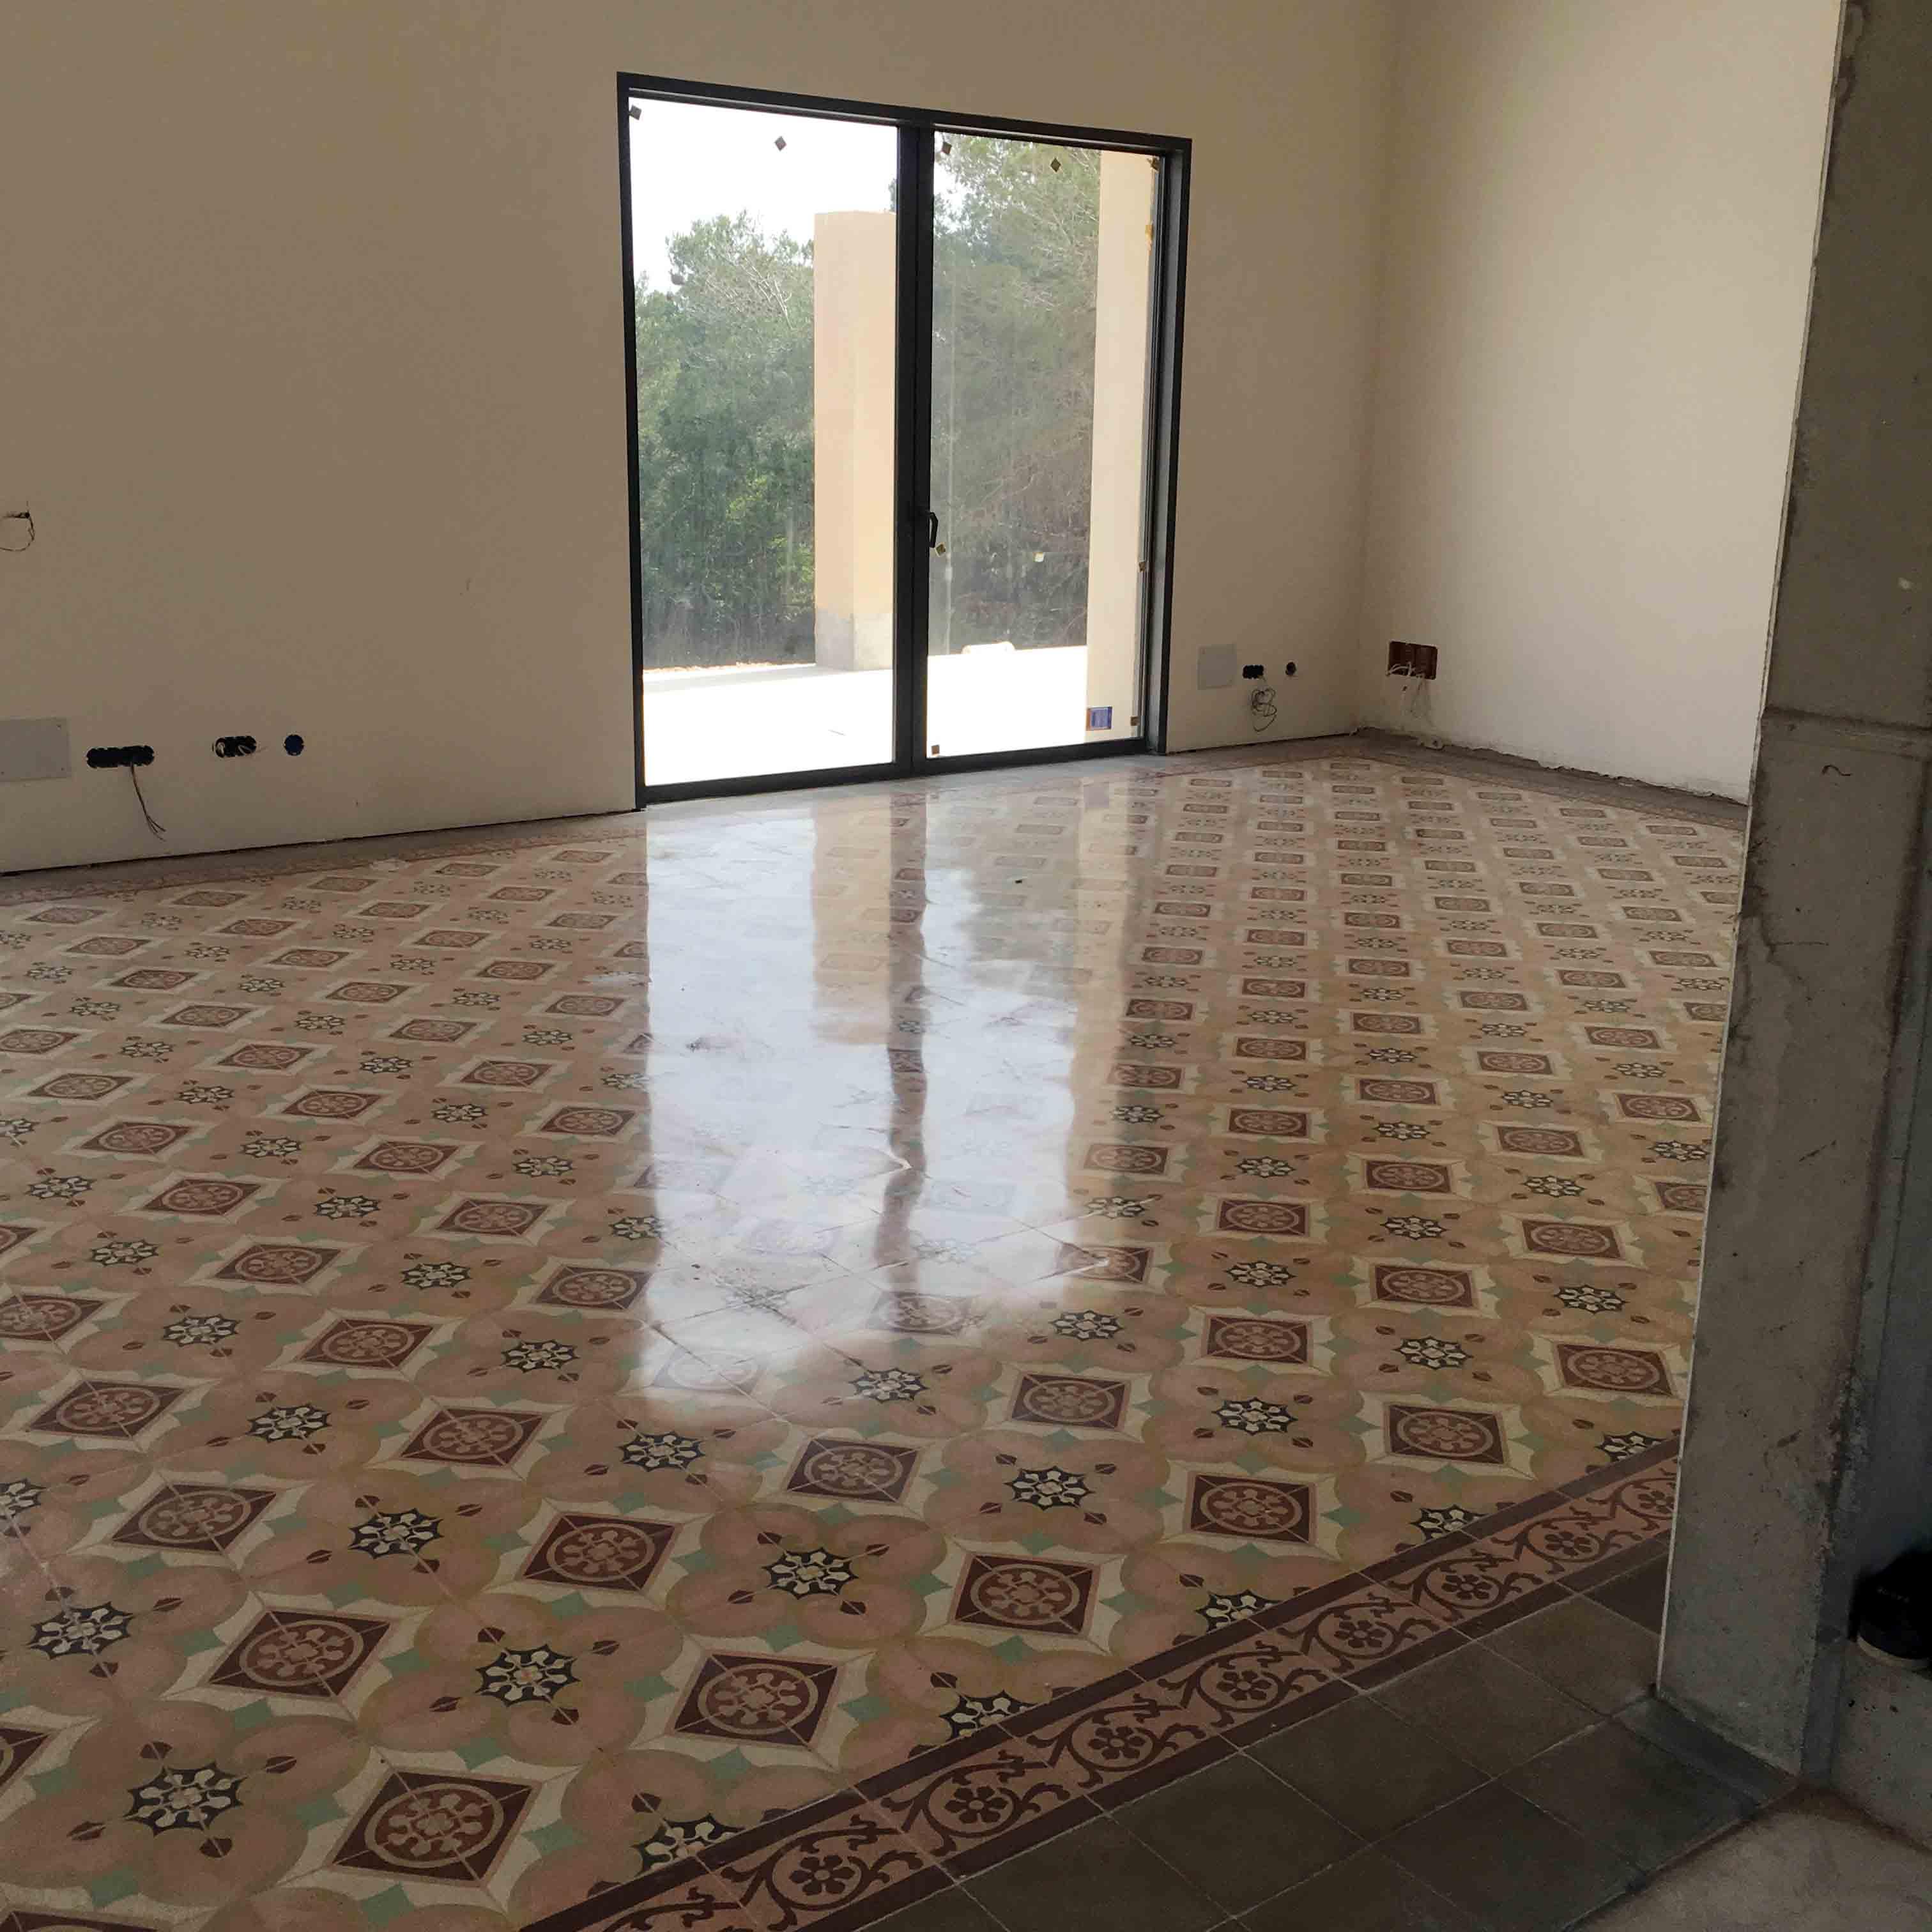 MosaicosBarcelona-Recuperacción-abrillantado-y-acristalado-de-suelos-de-mosaico-hidraulico-en-vivienda-en-Mallorca-Baleares-21